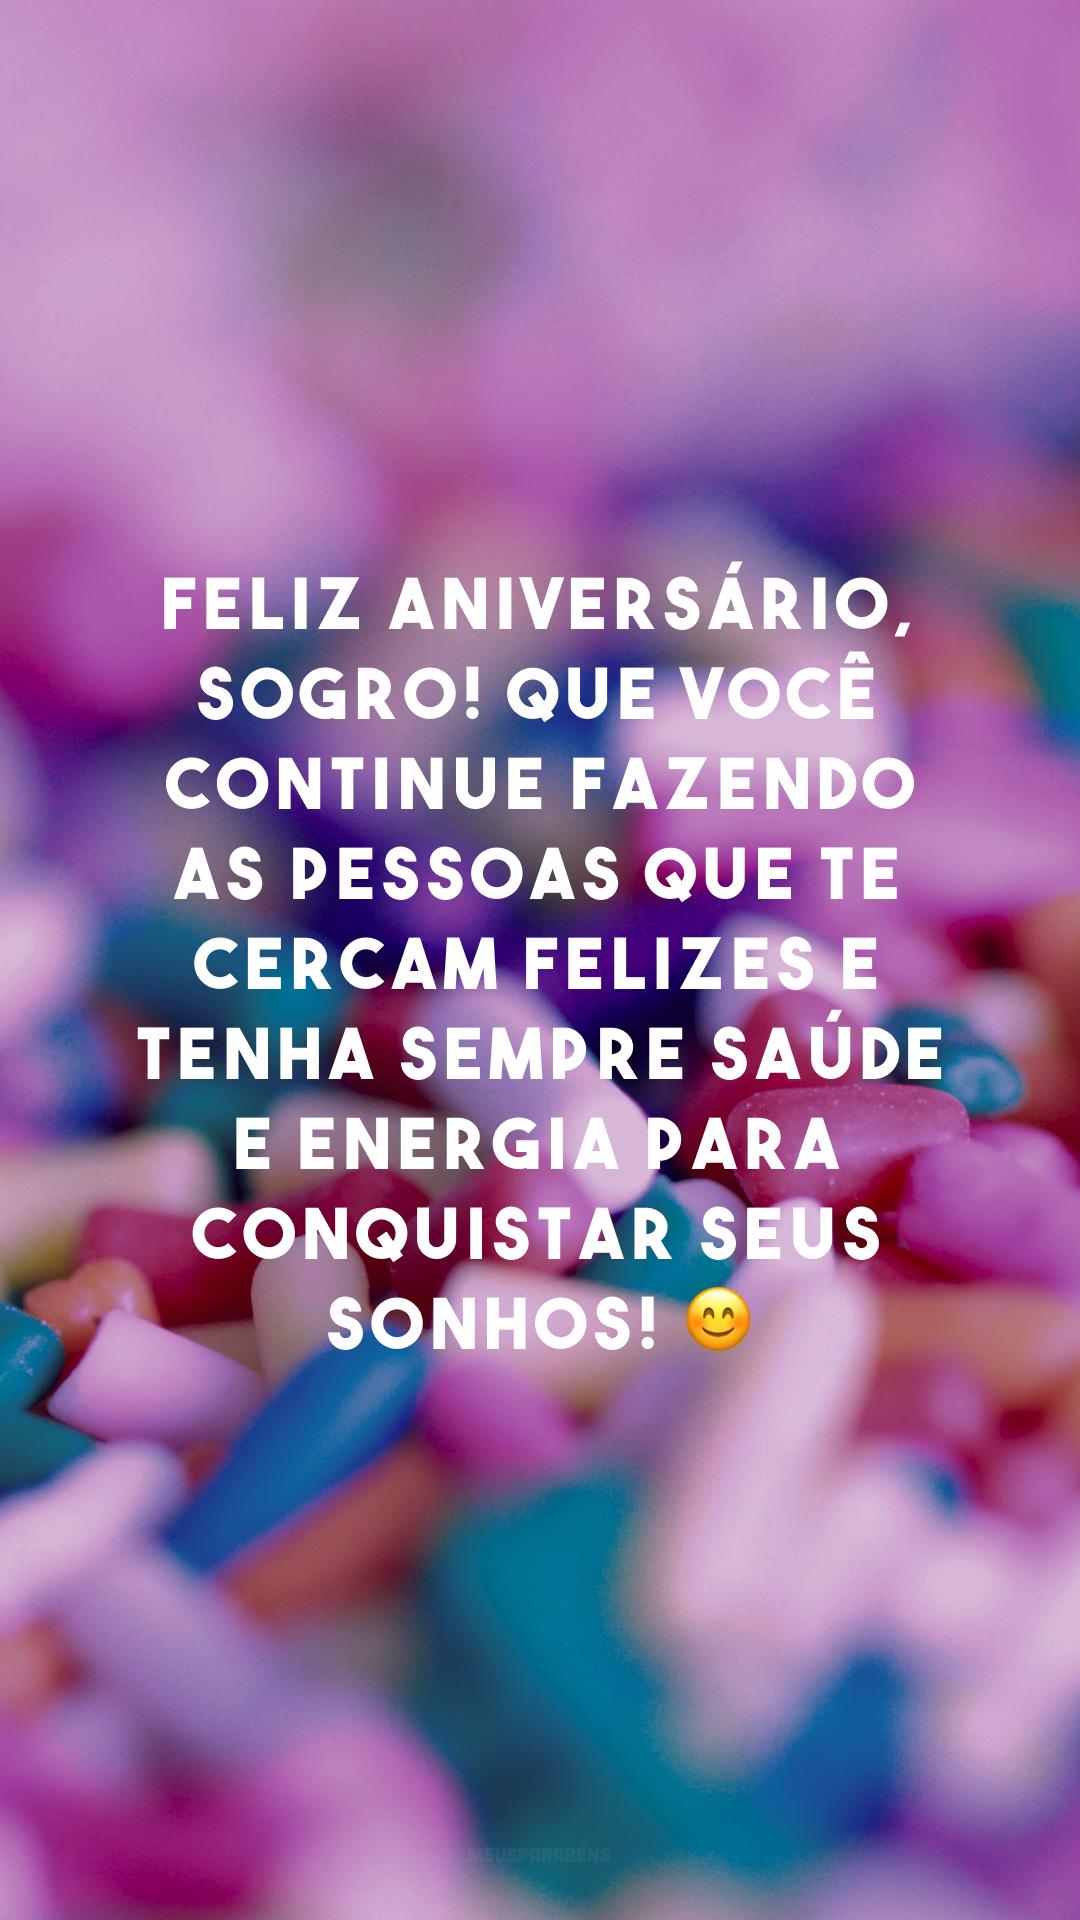 Feliz aniversário, sogro! Que você continue fazendo as pessoas que te cercam felizes e tenha sempre saúde e energia para conquistar seus sonhos! 😊